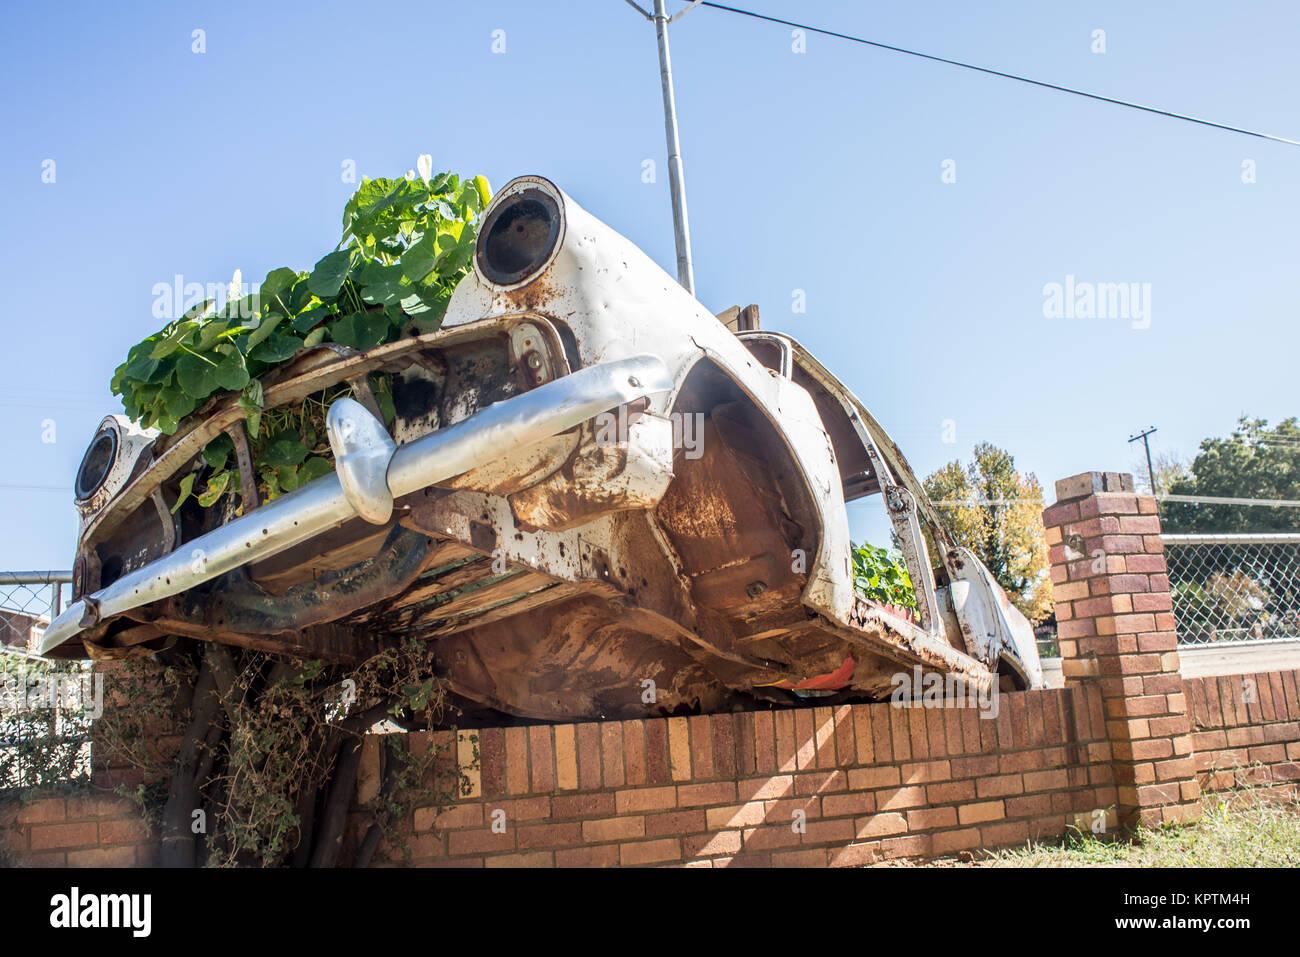 Car Wreck as Garden on Wall Stock Photo